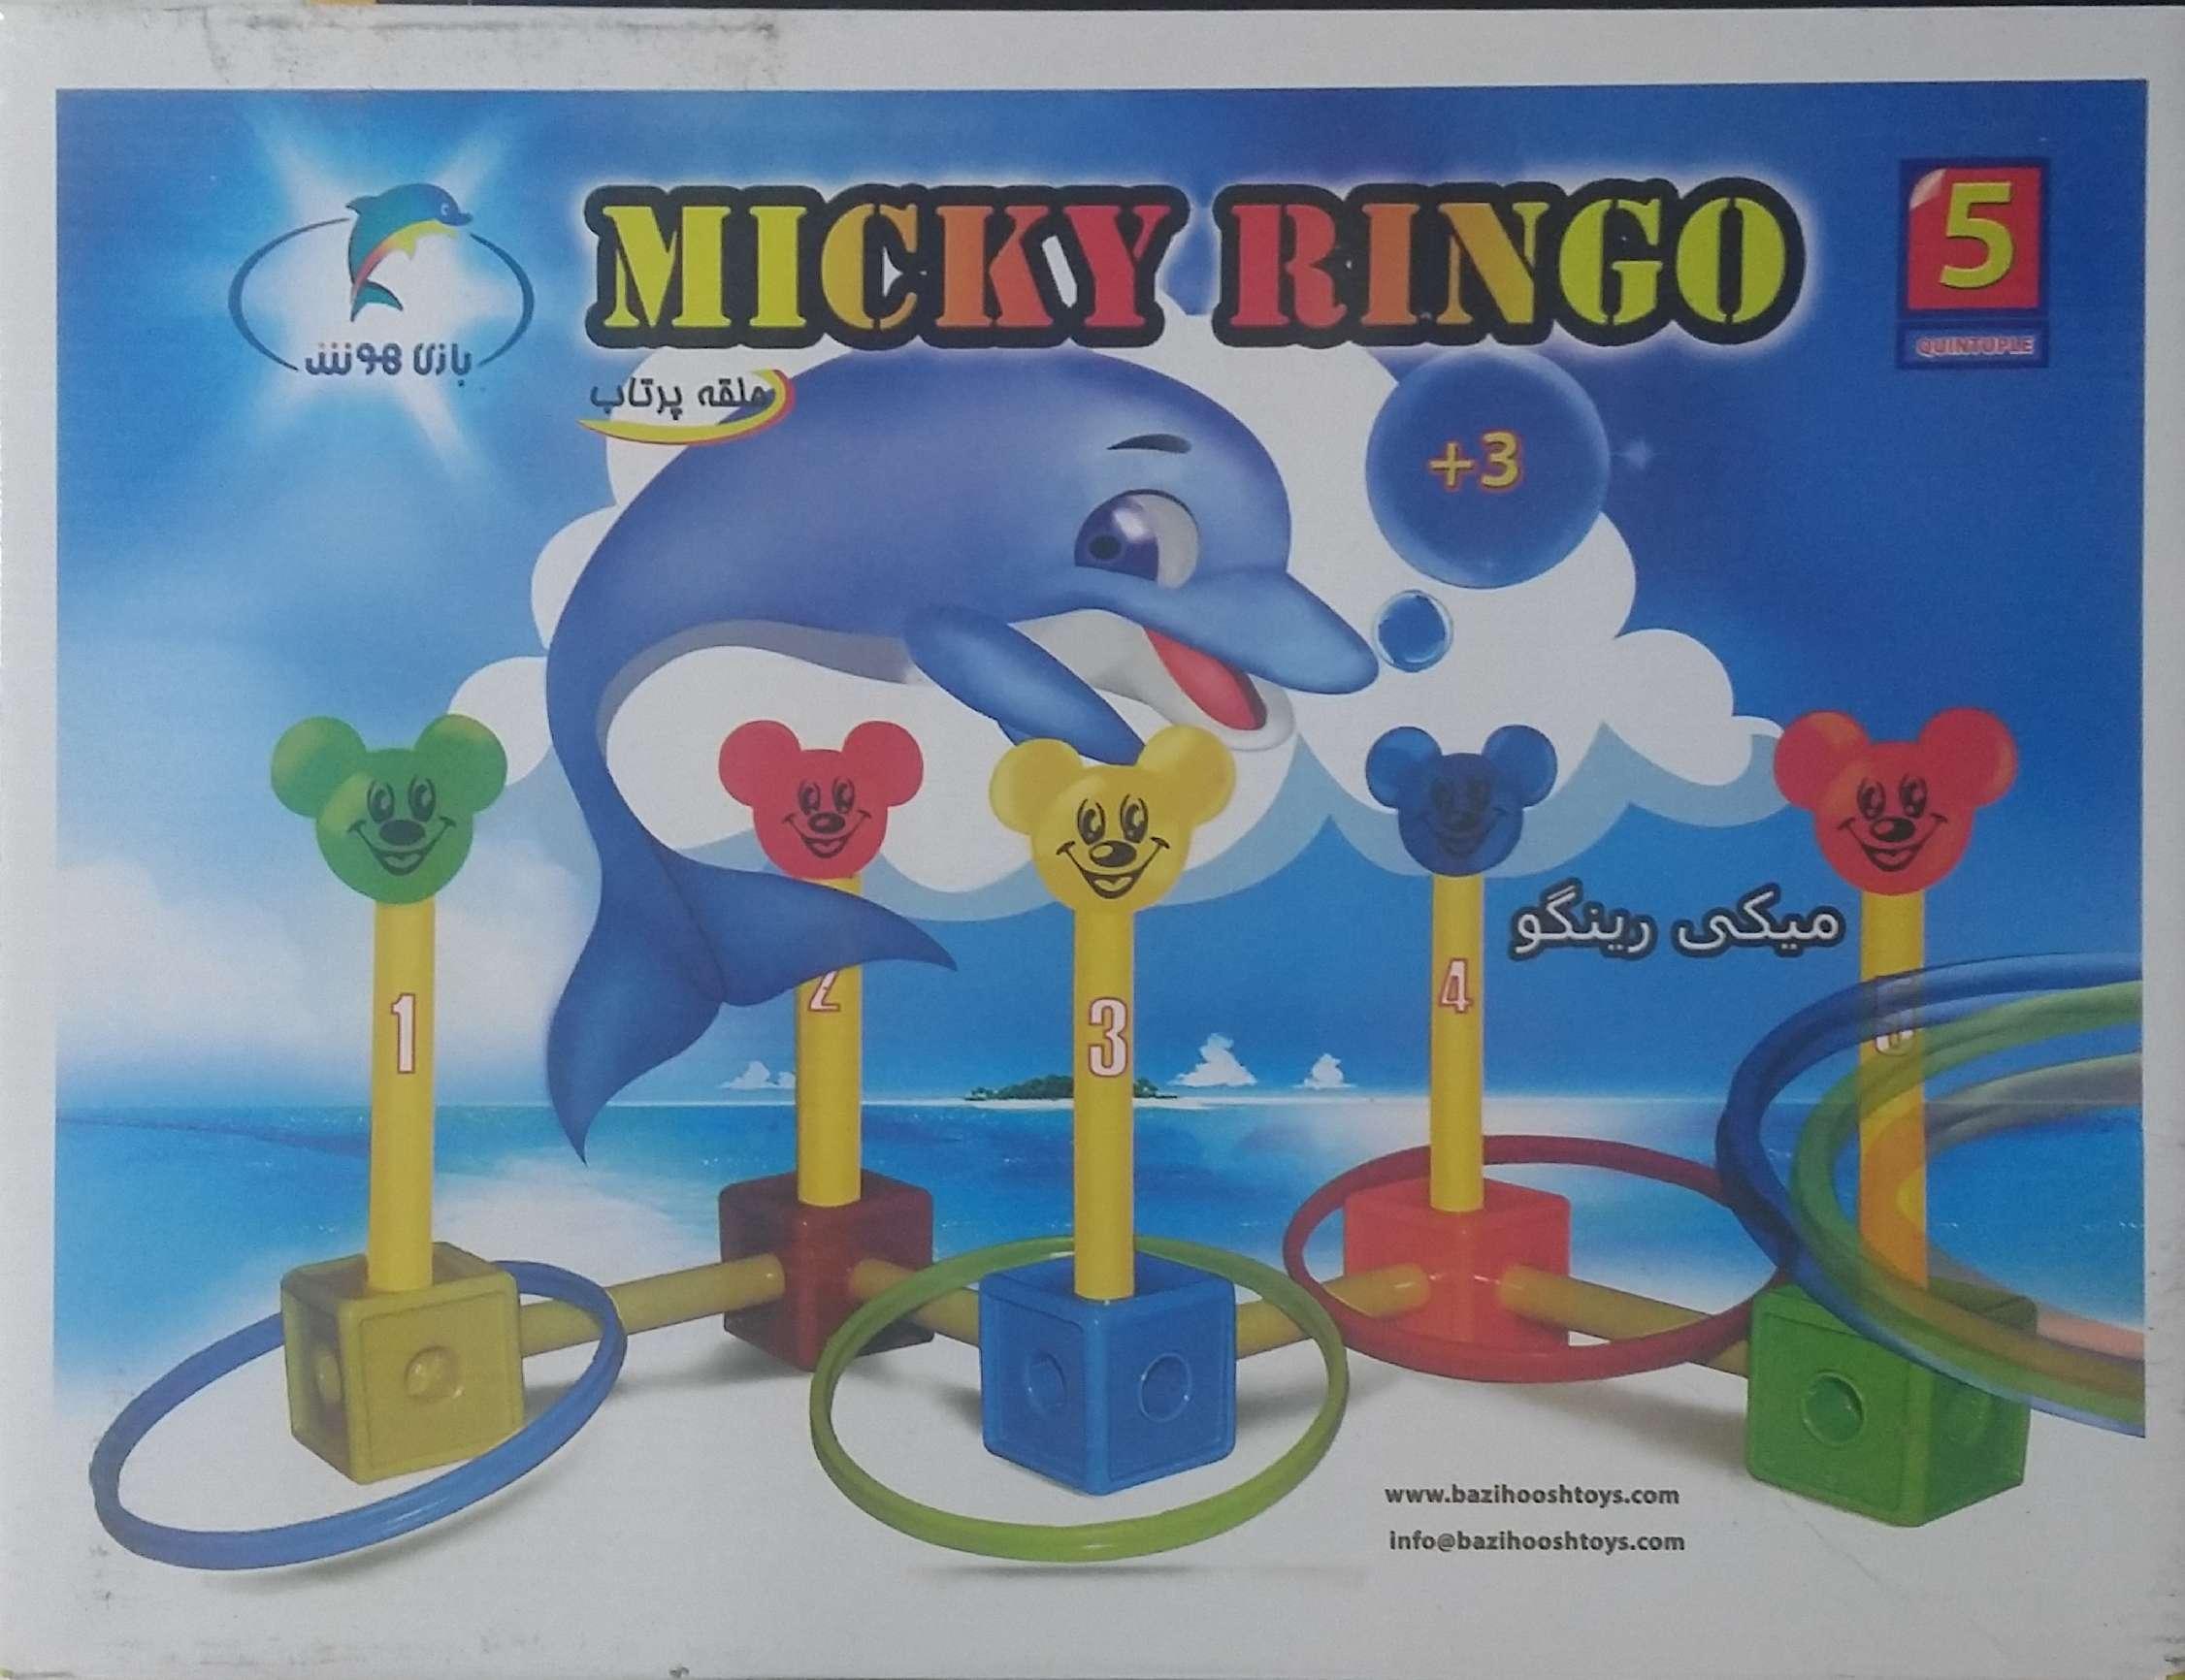 حلقه-پرتاب-موش(جعبه-اي-مستطيلي-بزرگ)